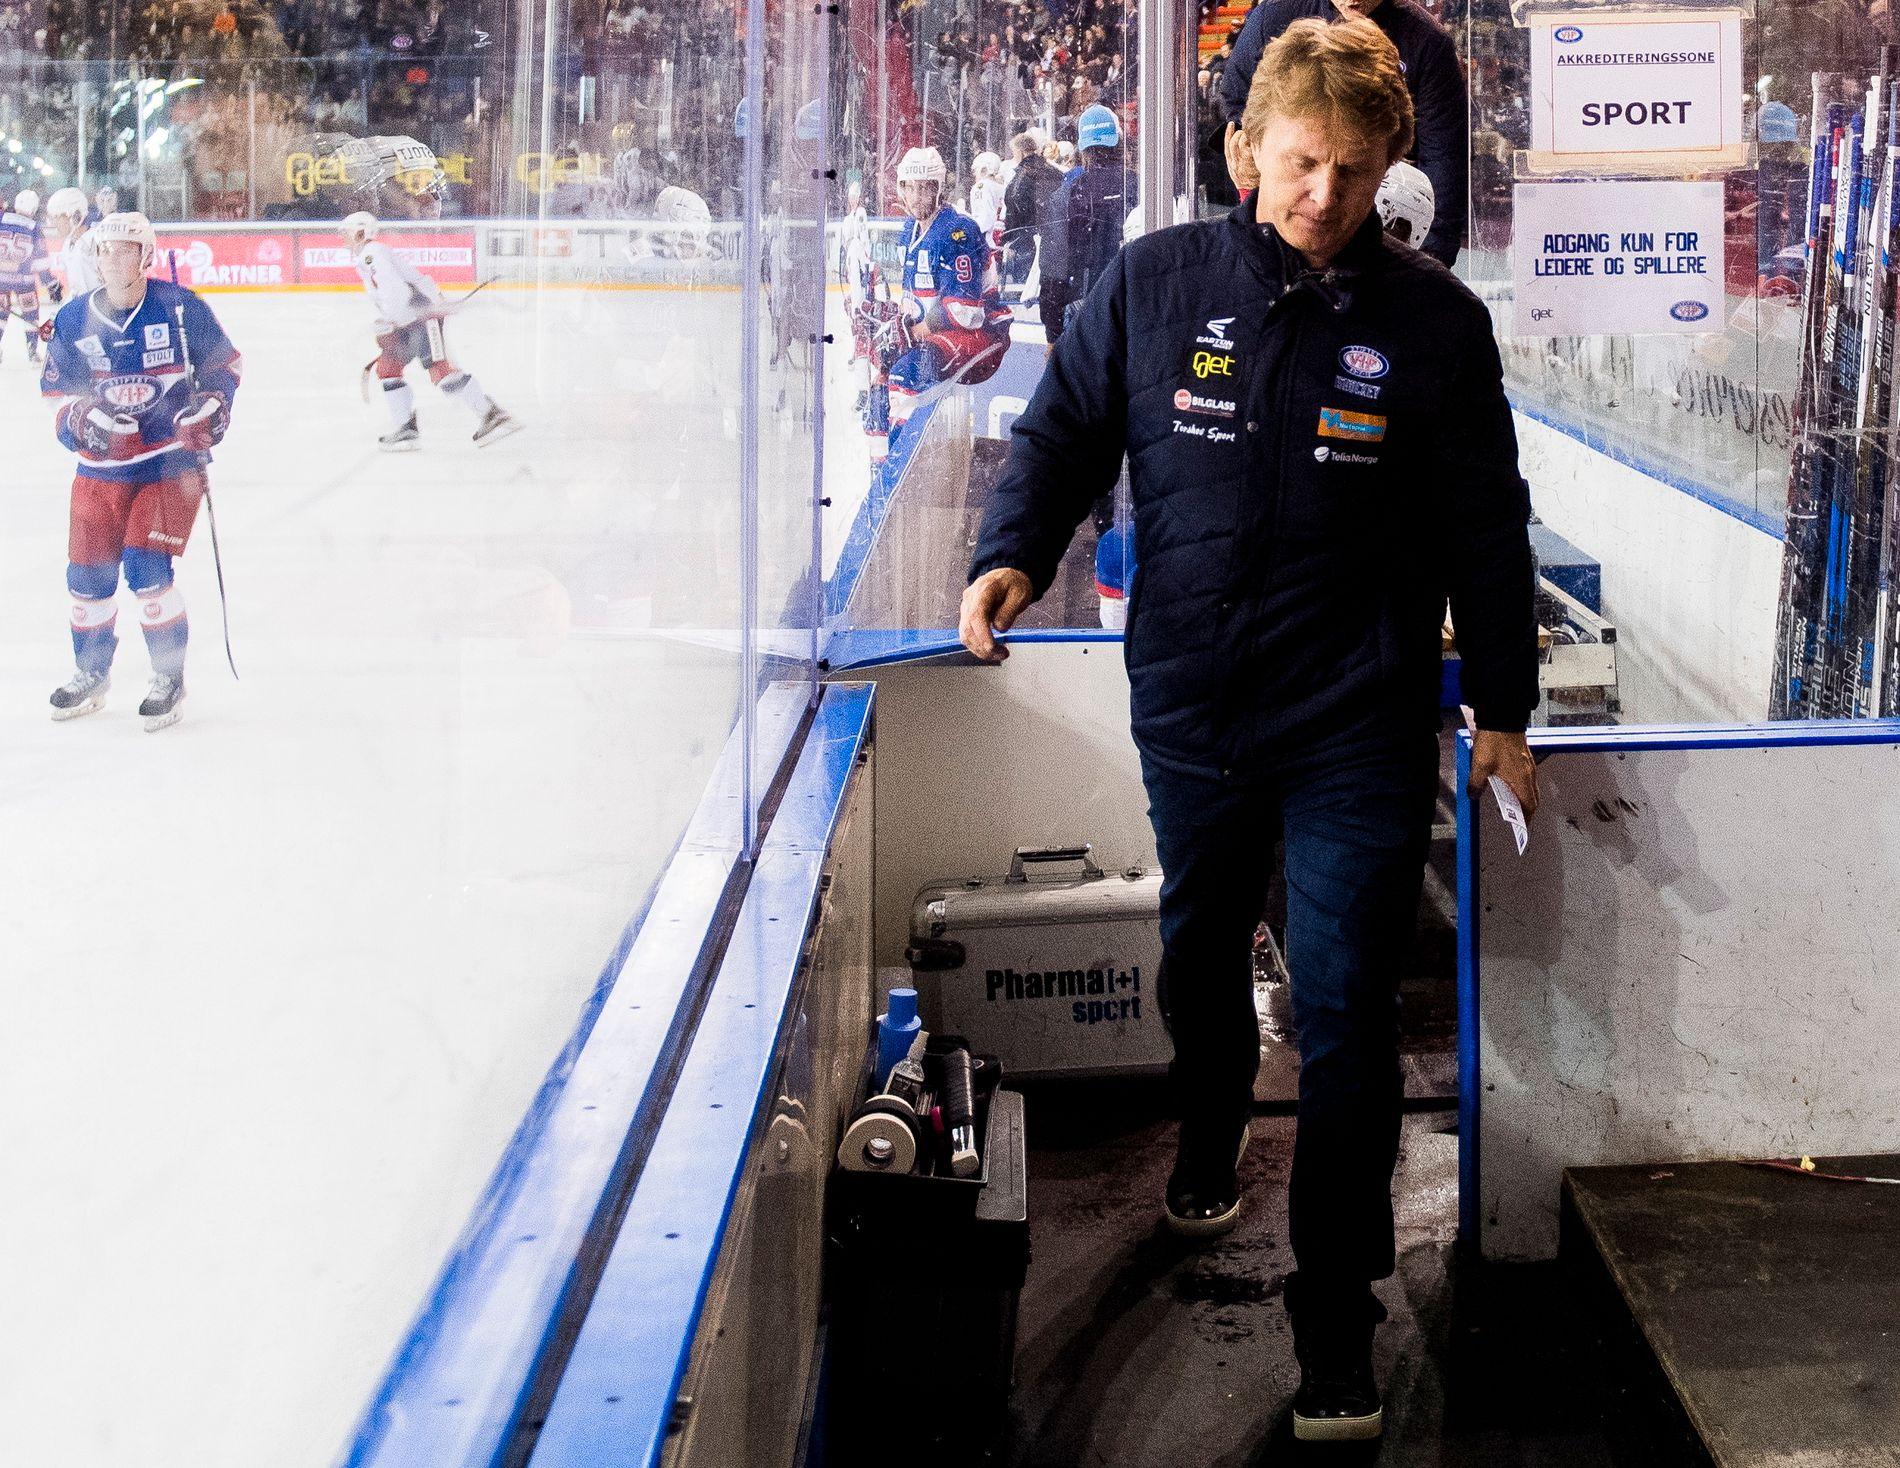 SNART SLUTT: Vålerengas sportssjef, Espen Shampo Knutsen, skal bare forlate denne spillerboksen etter to kamper til - 5. og 7. januar - før Oslo-klubben må flytte fra Jordal til sin nye hjemmebane - som han ennå ikke vet hvor er.